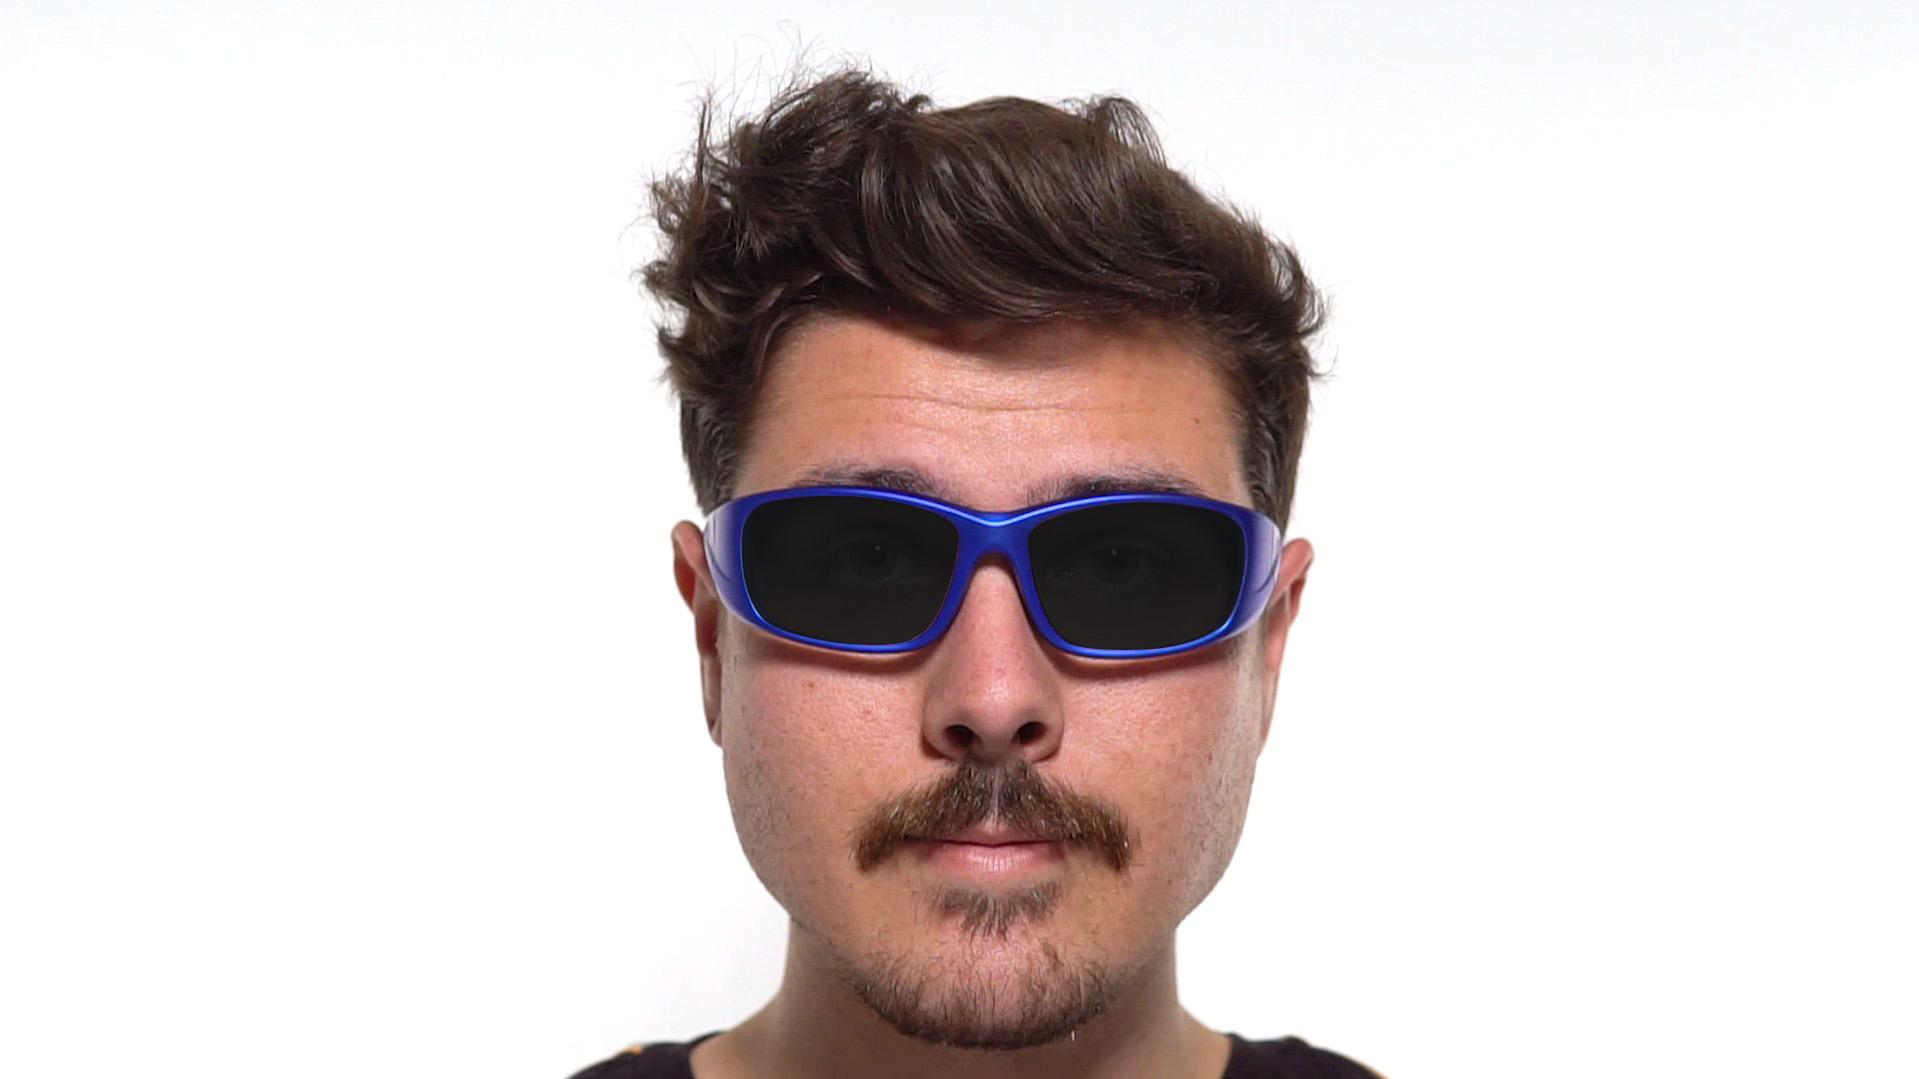 Matrix Venice Prescription Safety Sports Sunglasses